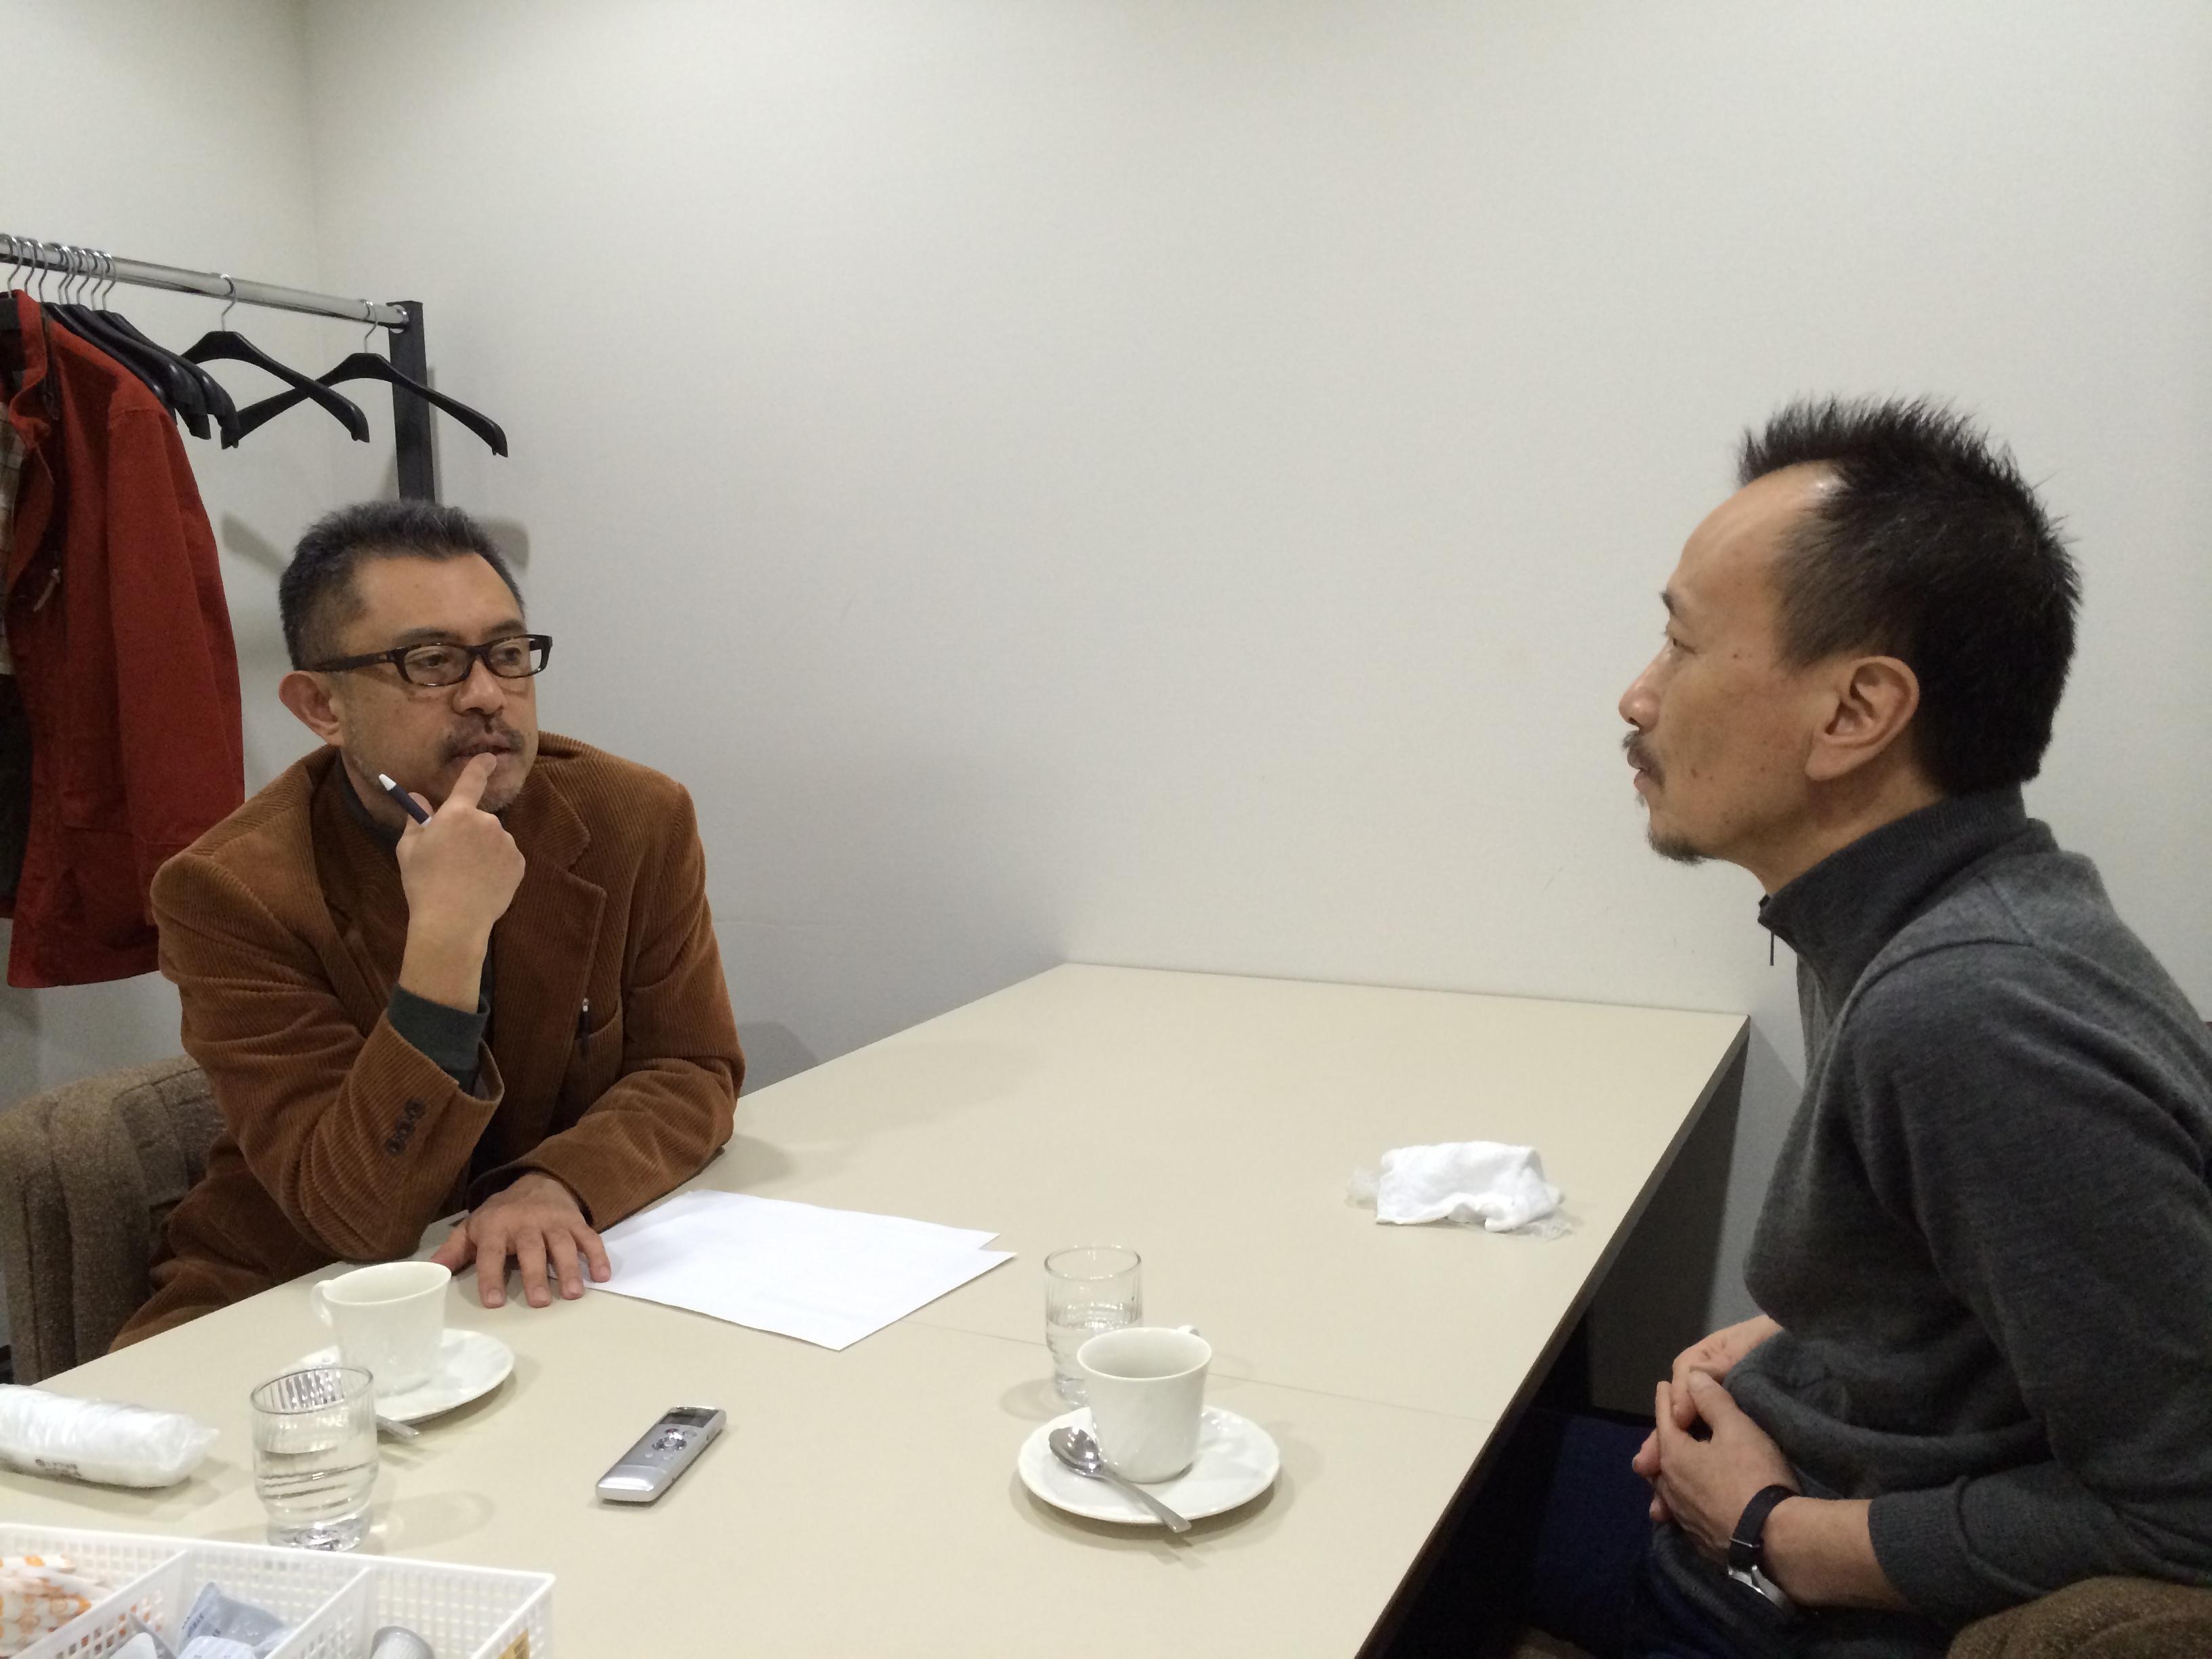 ジャーナリスト・石丸次郎と元拉致被害者家族会事務局長の蓮池透さん